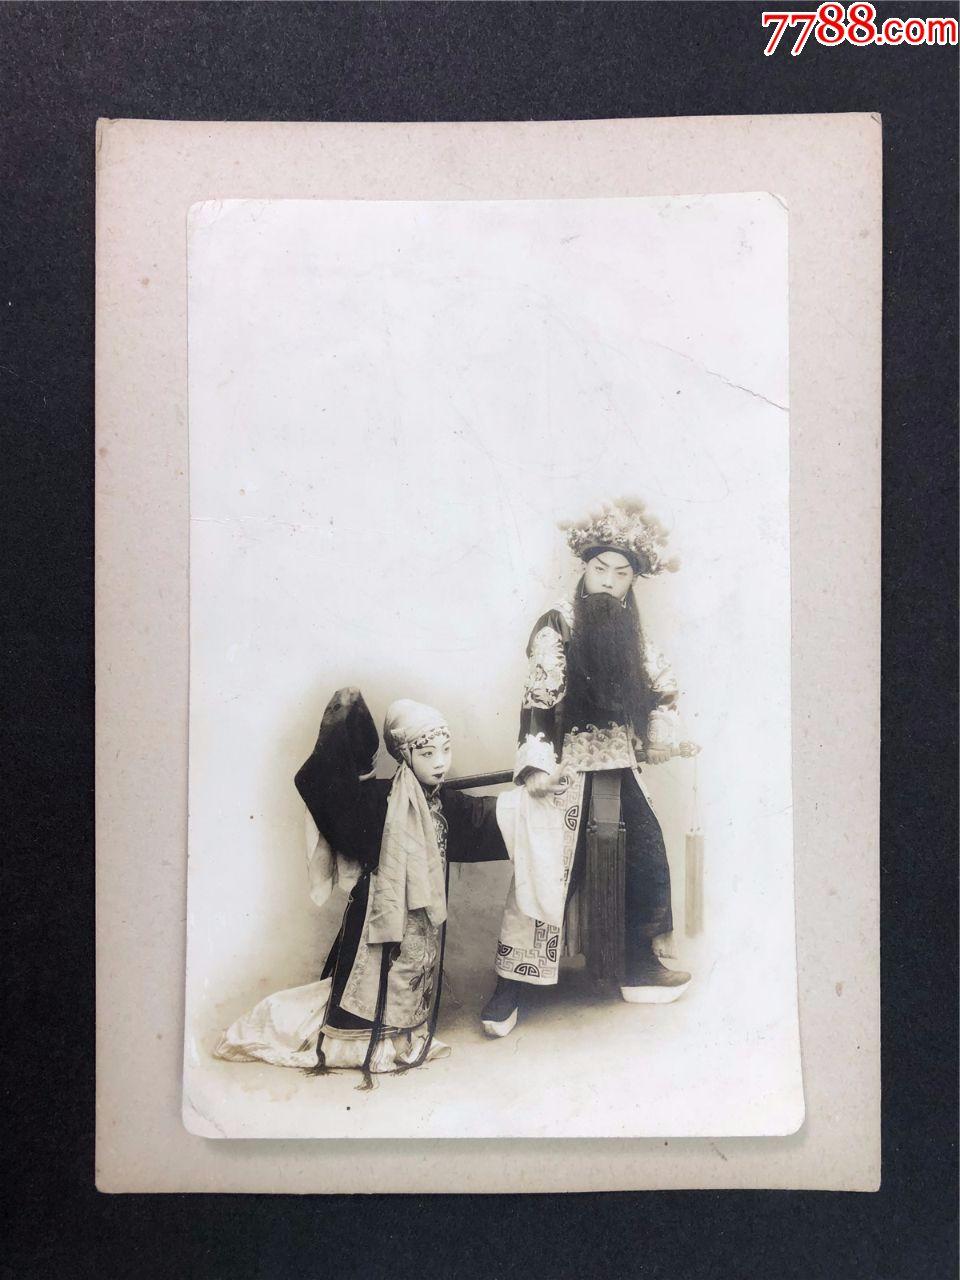 民国时期,著名京剧表演艺术家叶盛长,刘元童演出《汾河湾》戏曲老照片图片